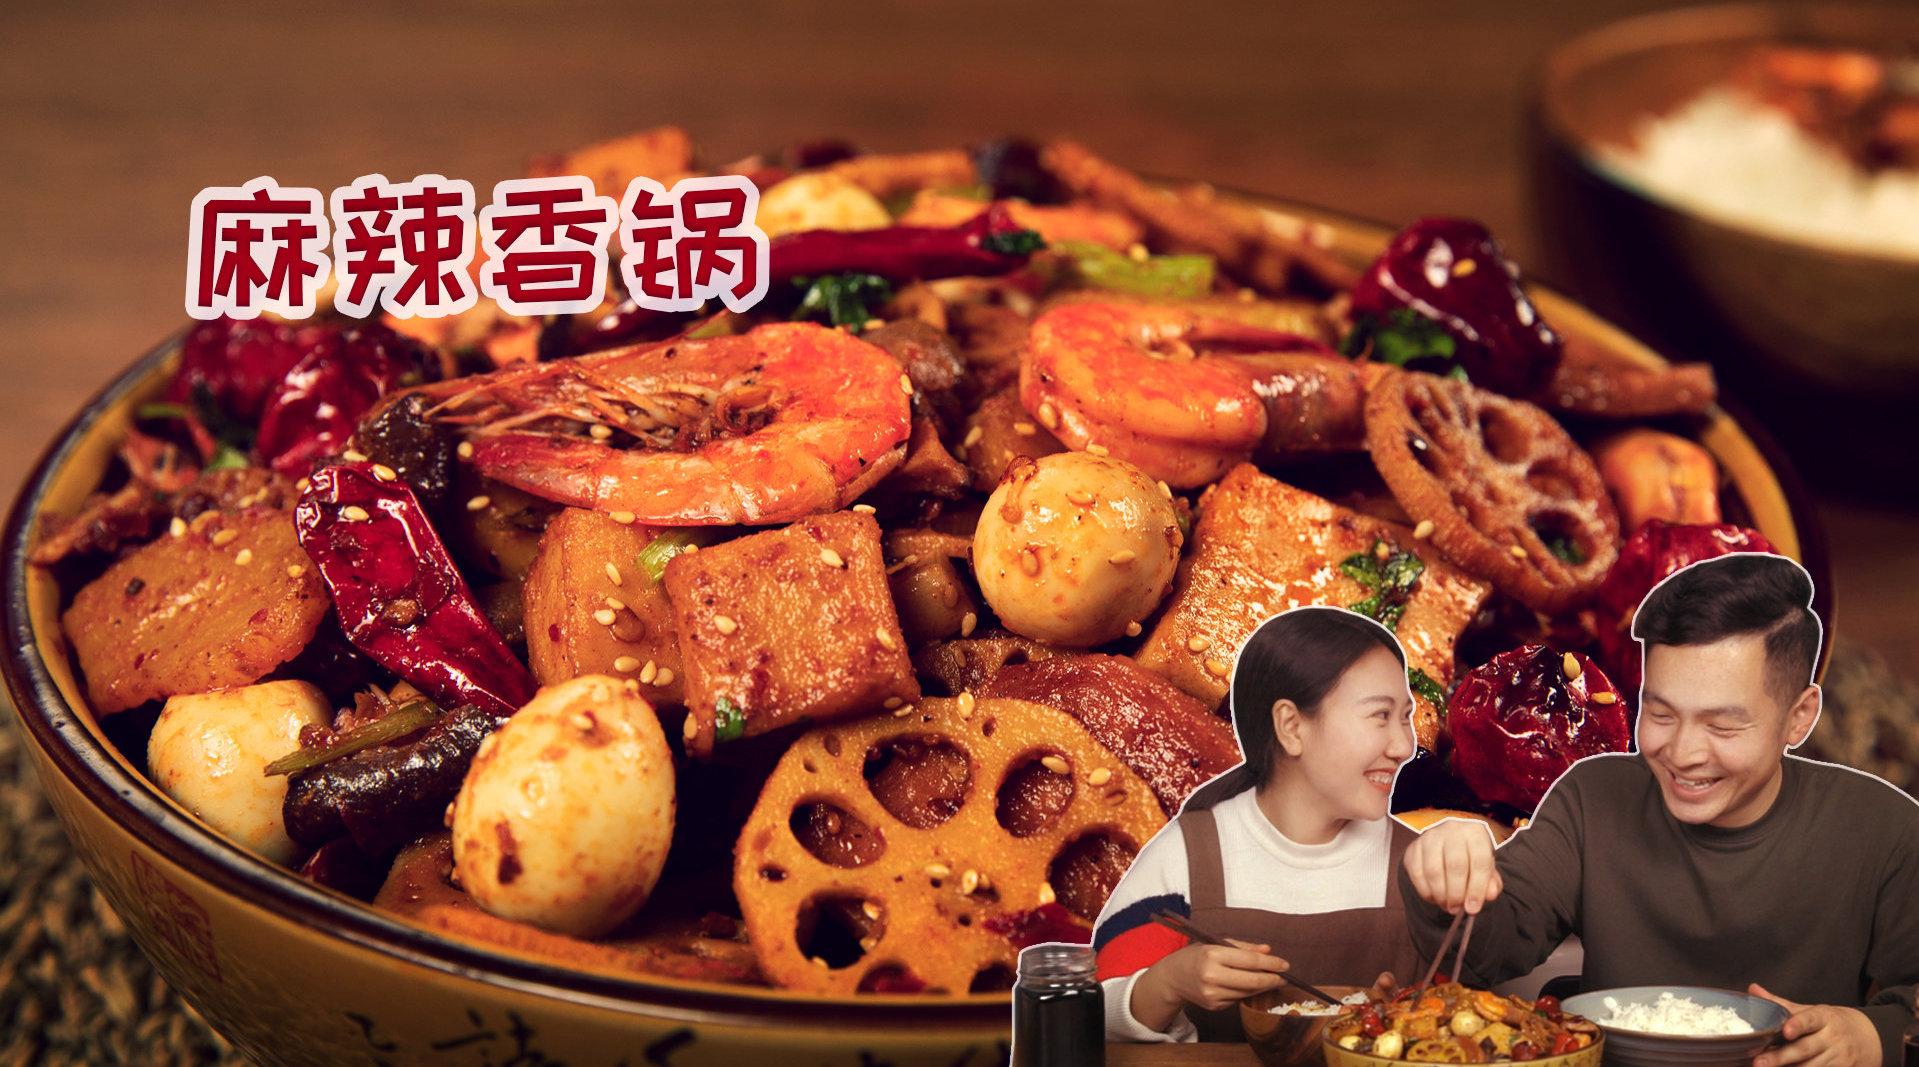 人人都爱的麻辣香锅, 不如学会在家自己做